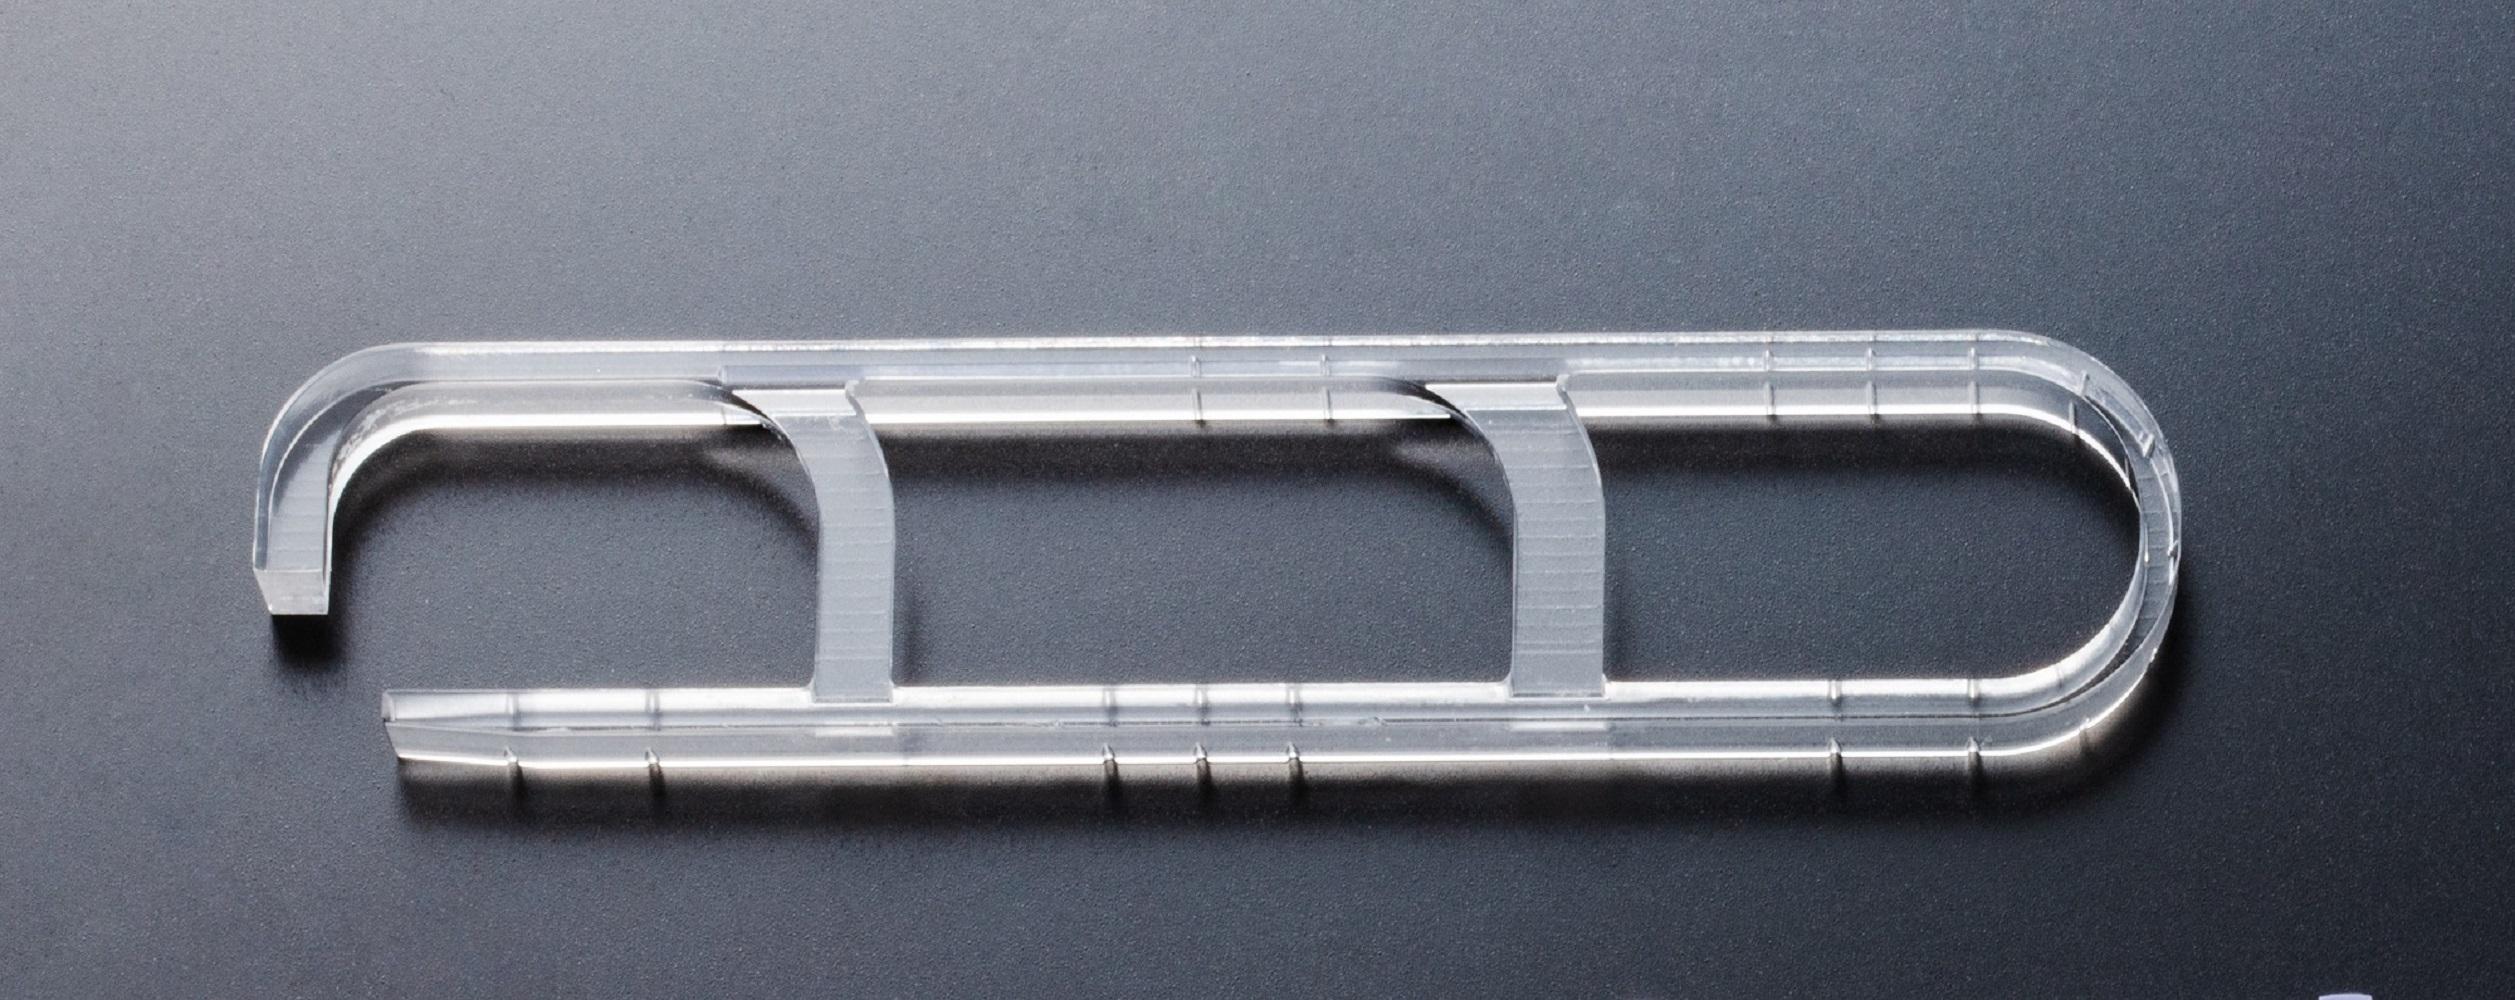 切削加工で作られたサンプル用ライトガイド